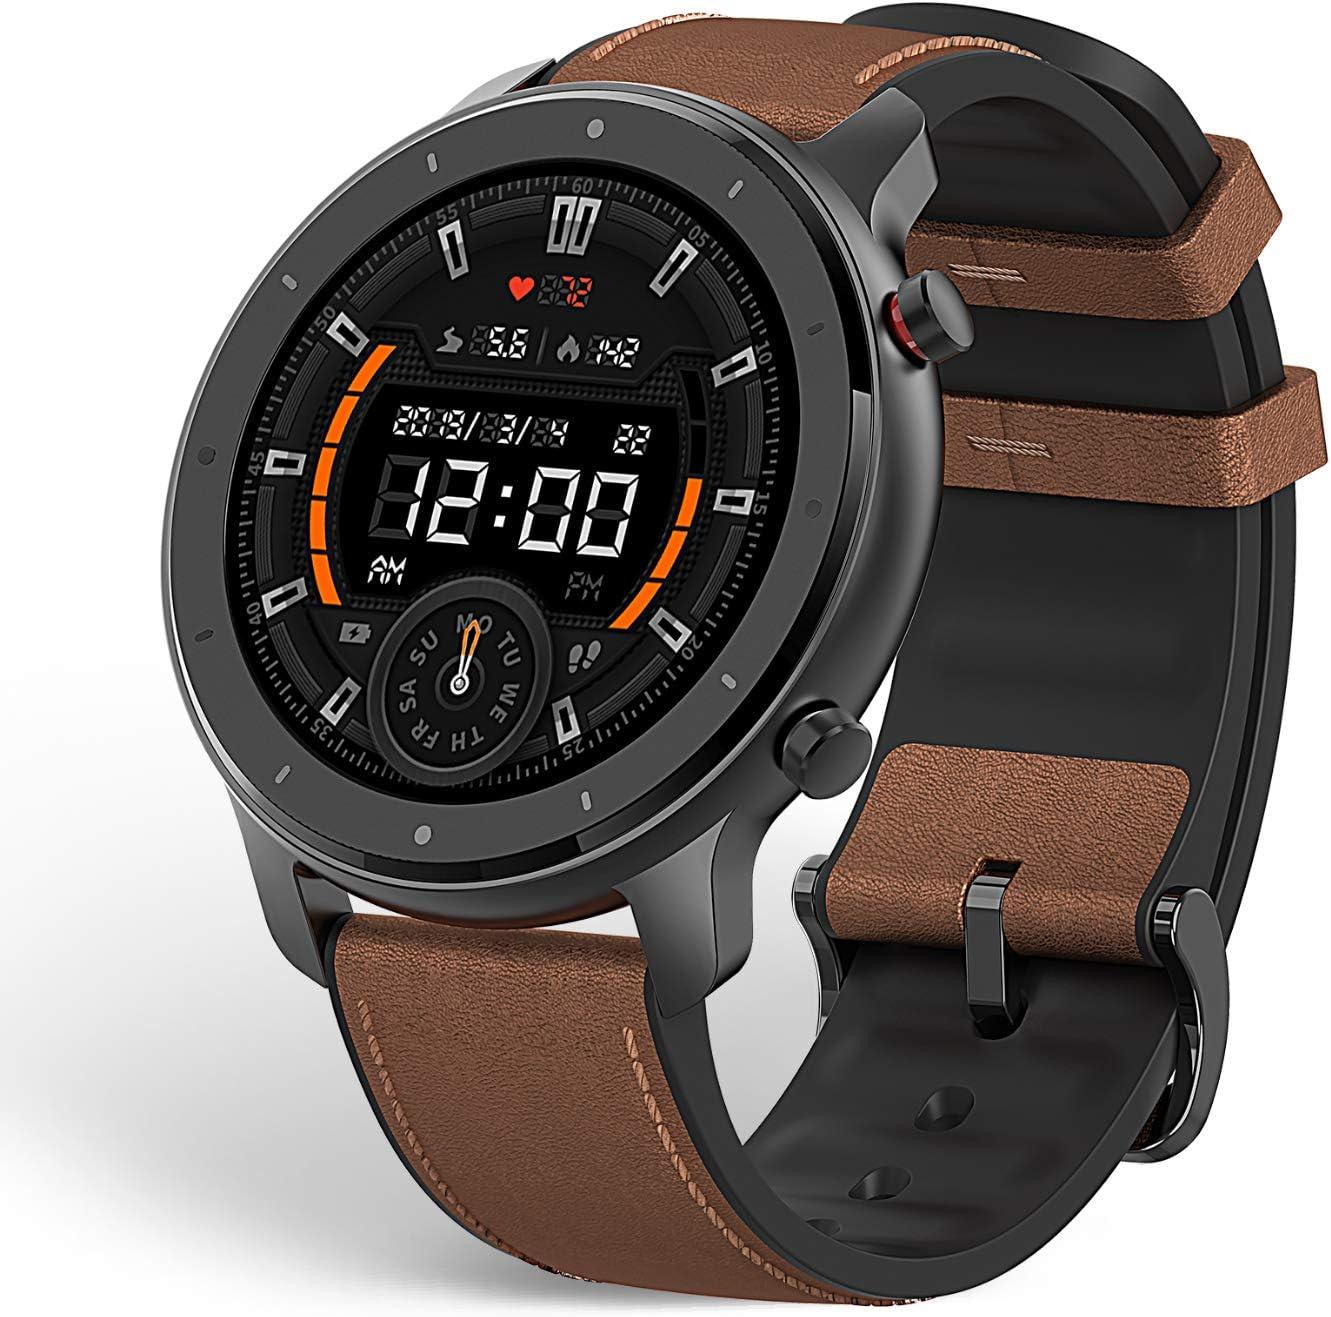 Amazfit GTR 47mm Reloj Inteligente Deportivo AMOLED de 1.39